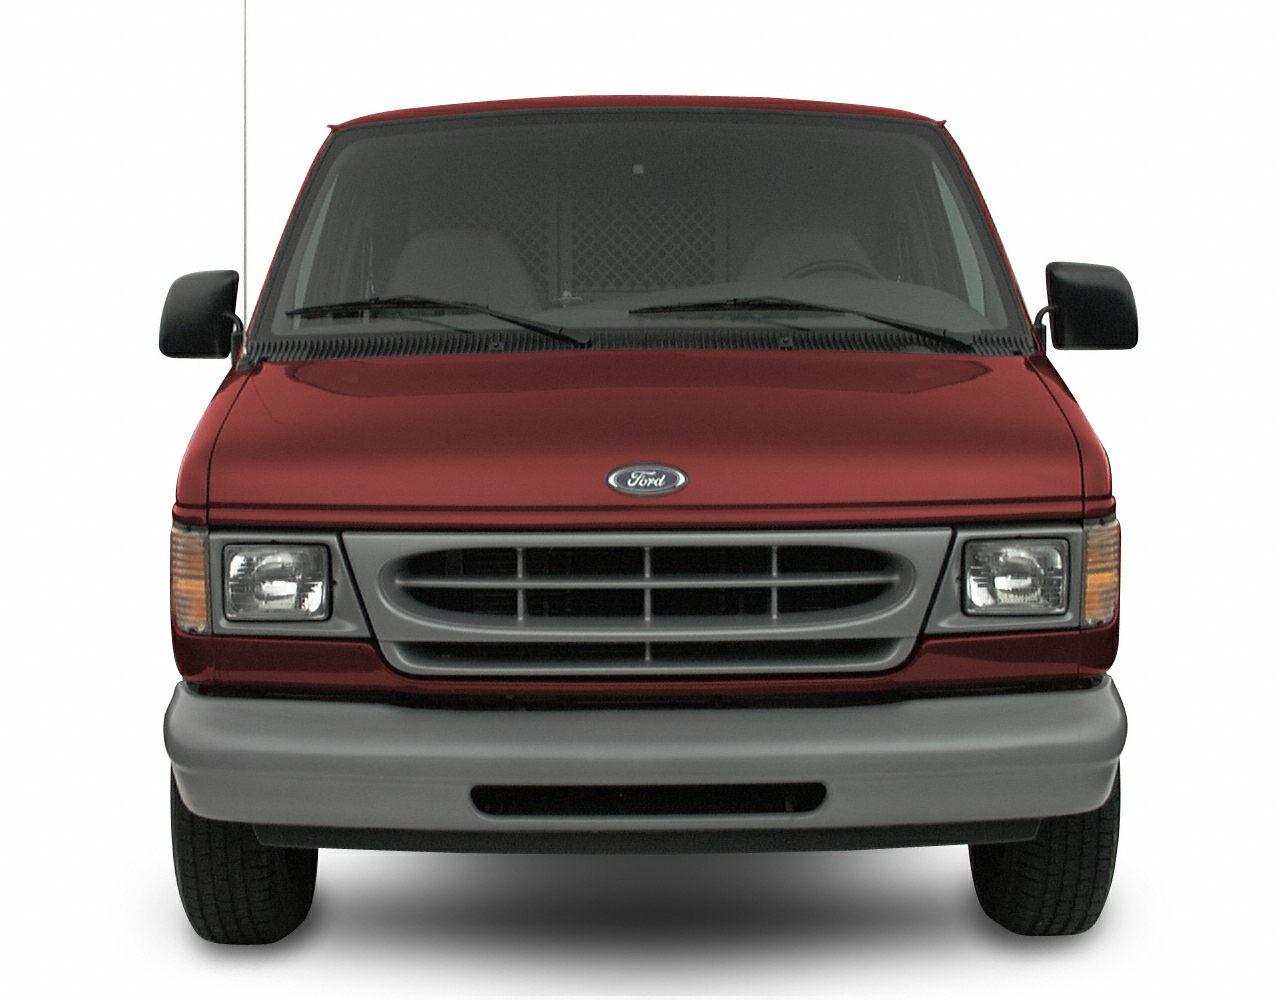 2000 Ford E-150 Exterior Photo